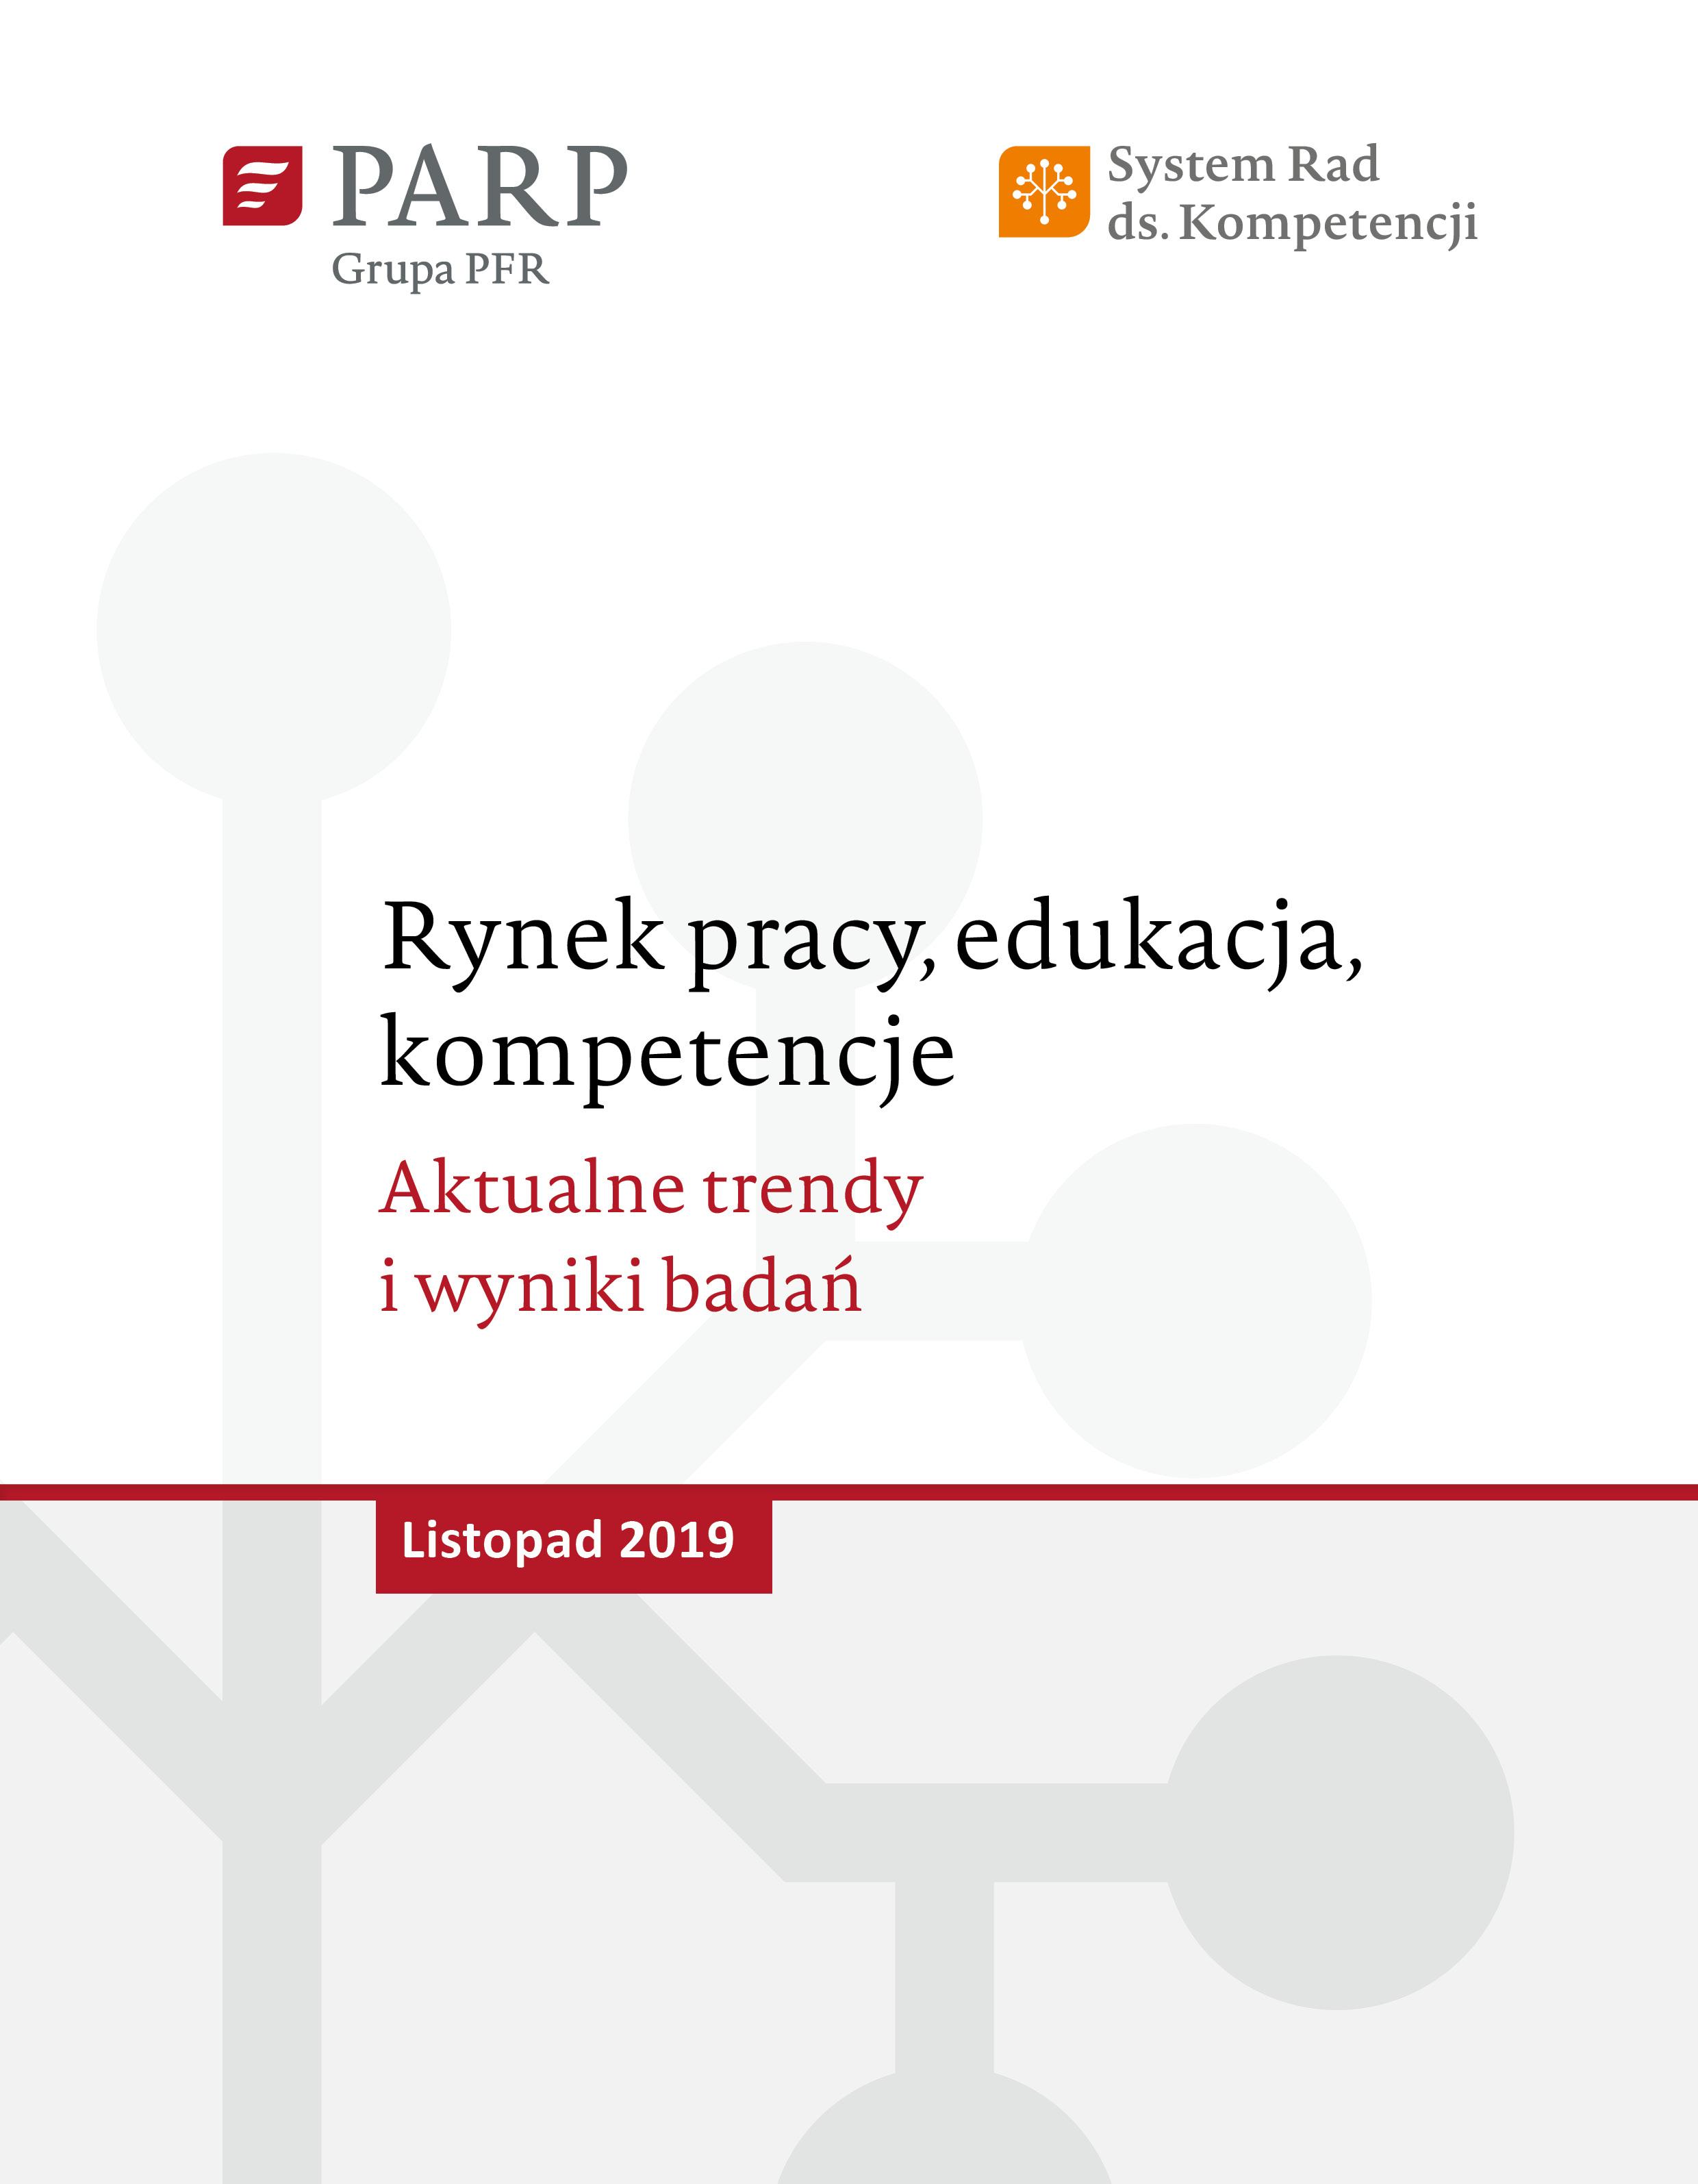 Rynek pracy, edukacja, kompetencje - listopad 2019